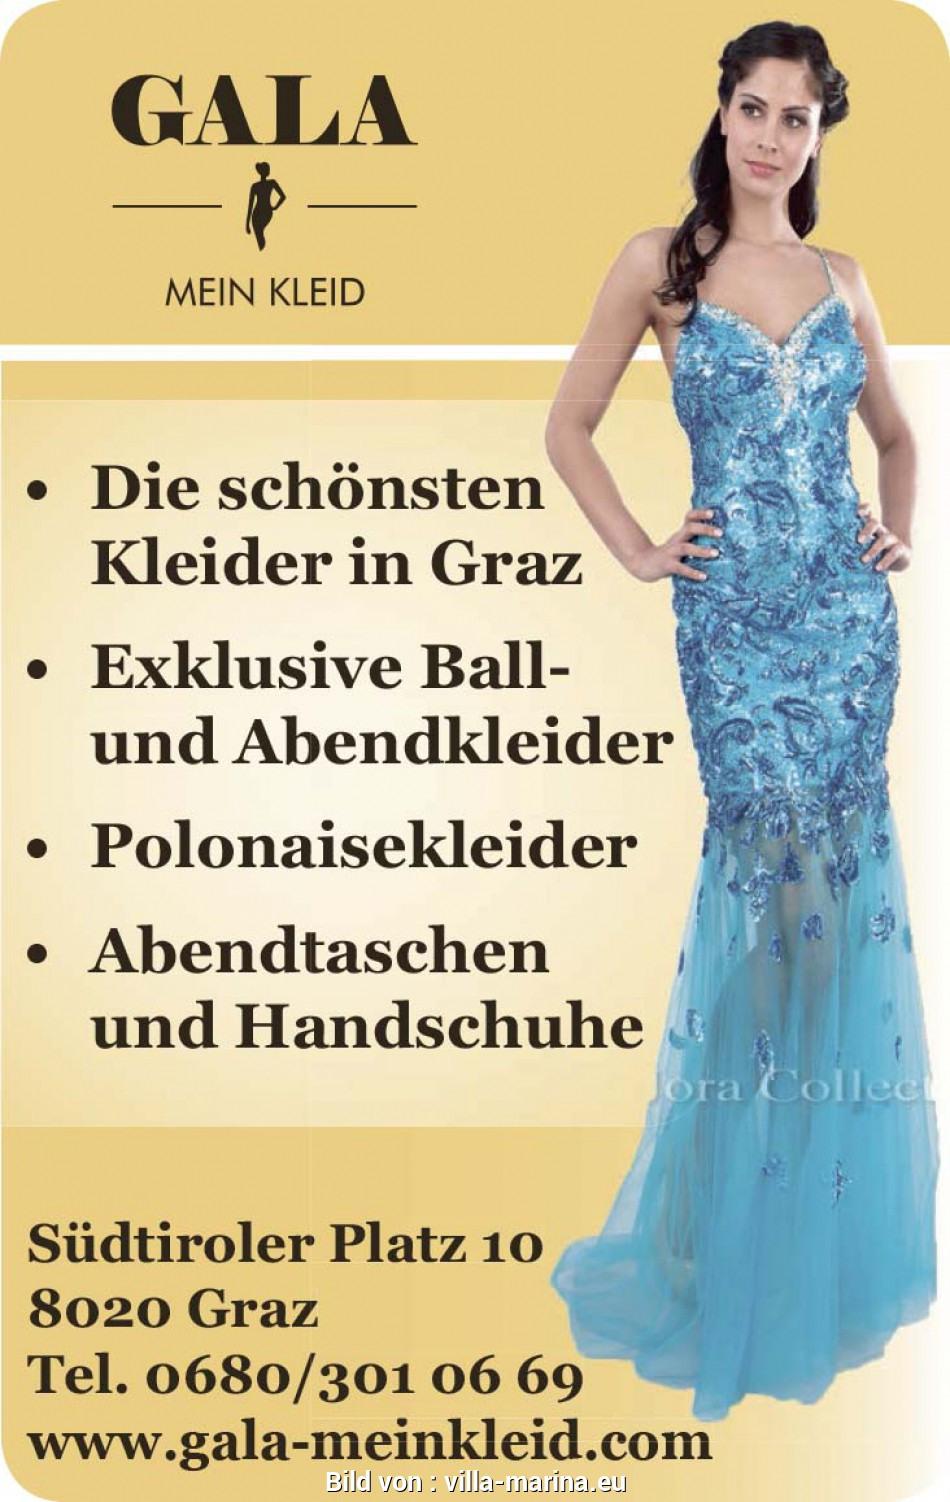 20 Fantastisch Abend Kleider Graz Spezialgebiet13 Schön Abend Kleider Graz Spezialgebiet